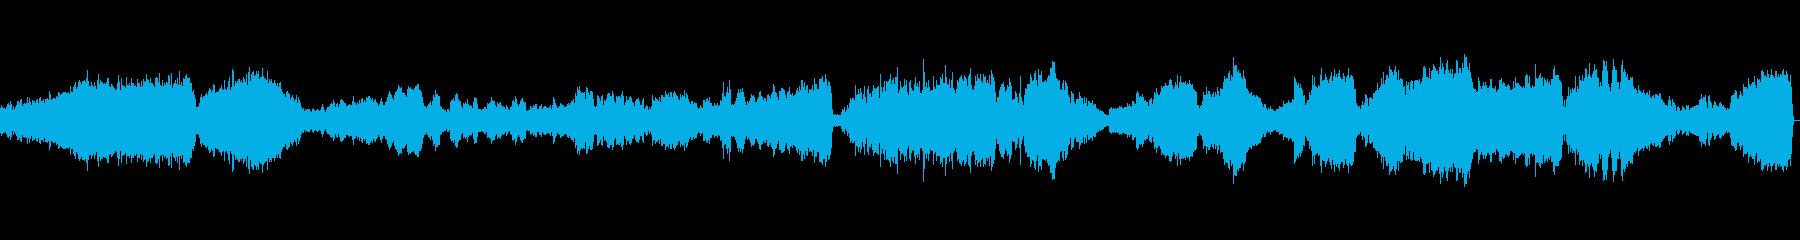 大自然を描写したクラシック音楽の再生済みの波形